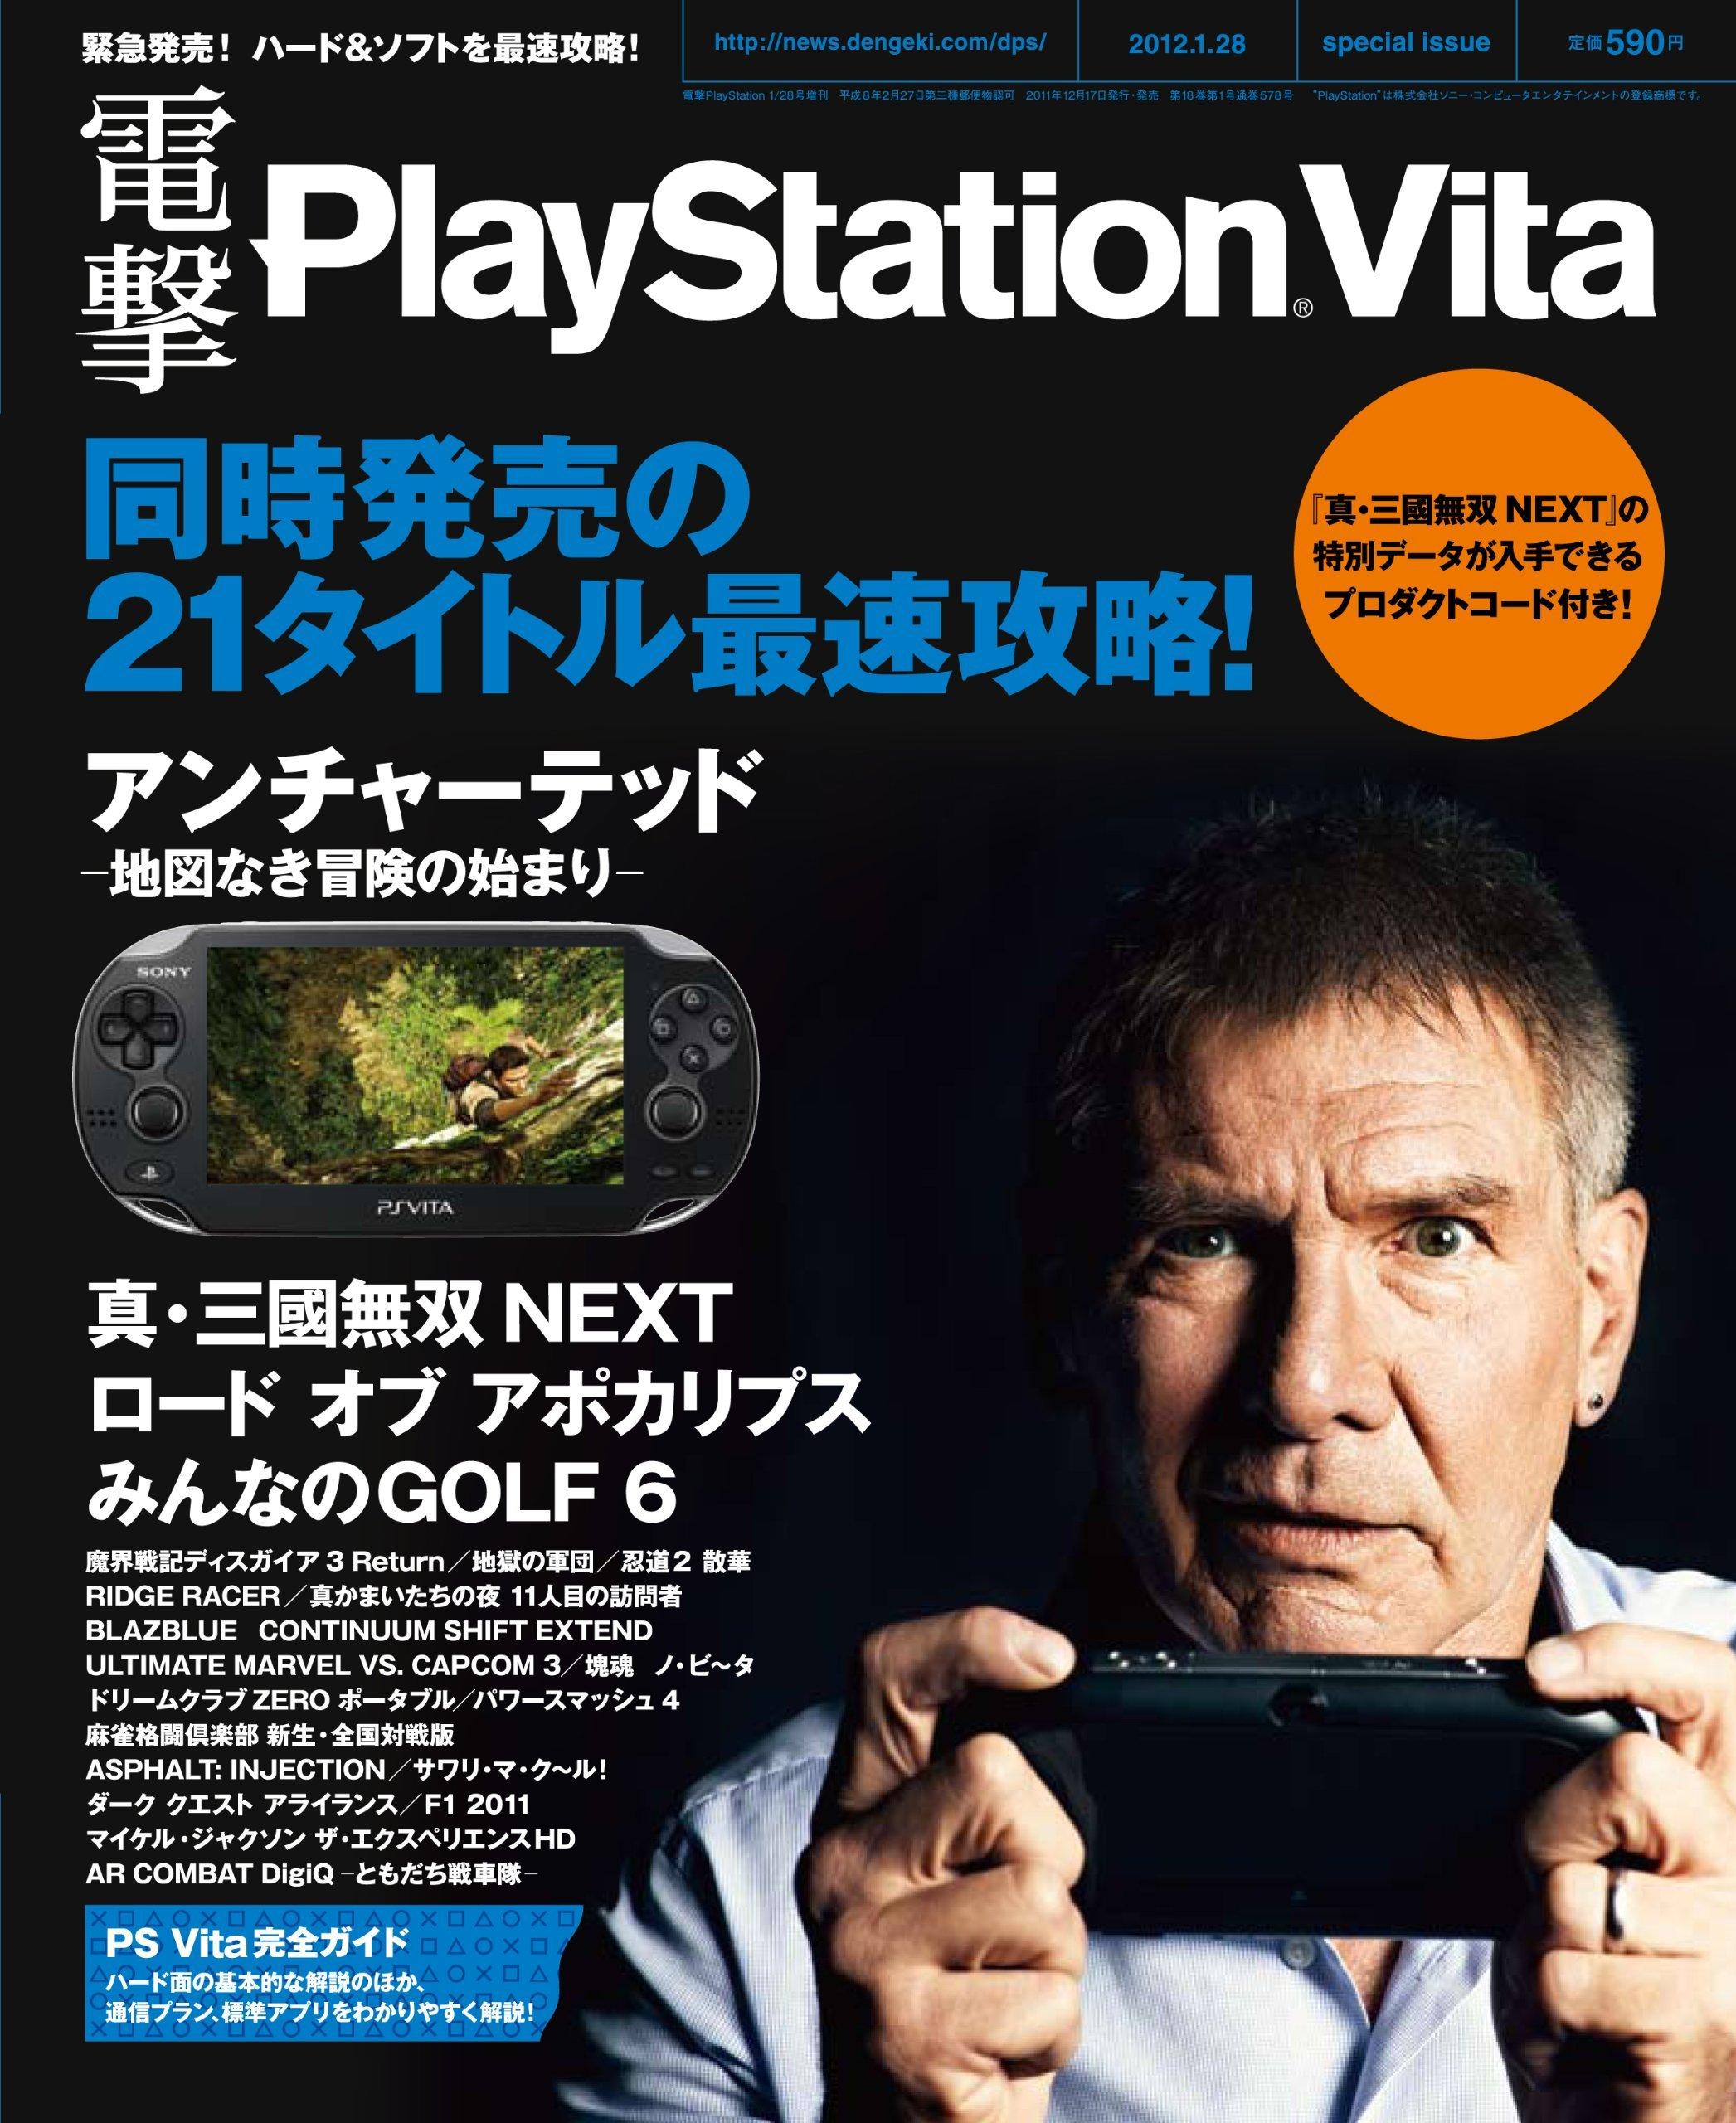 Dengeki PlayStation Vita Vol.1 (January 28, 2012)